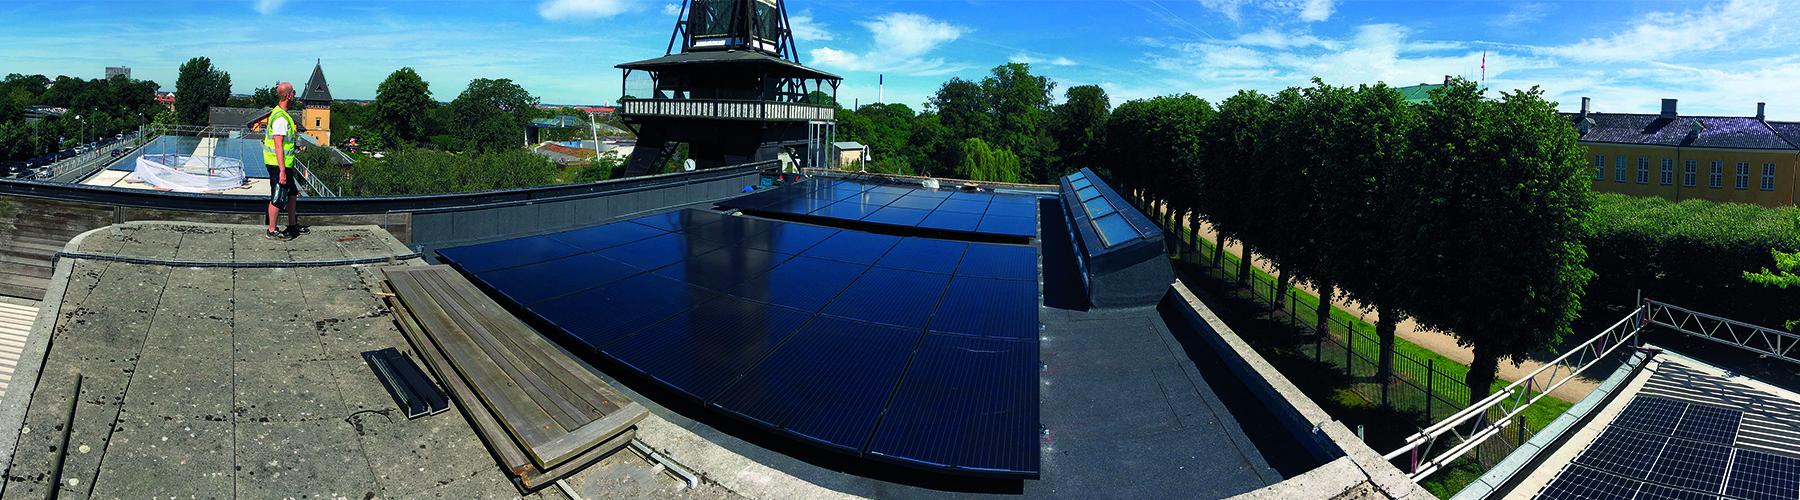 Fotos fra København_Zoo_solceller